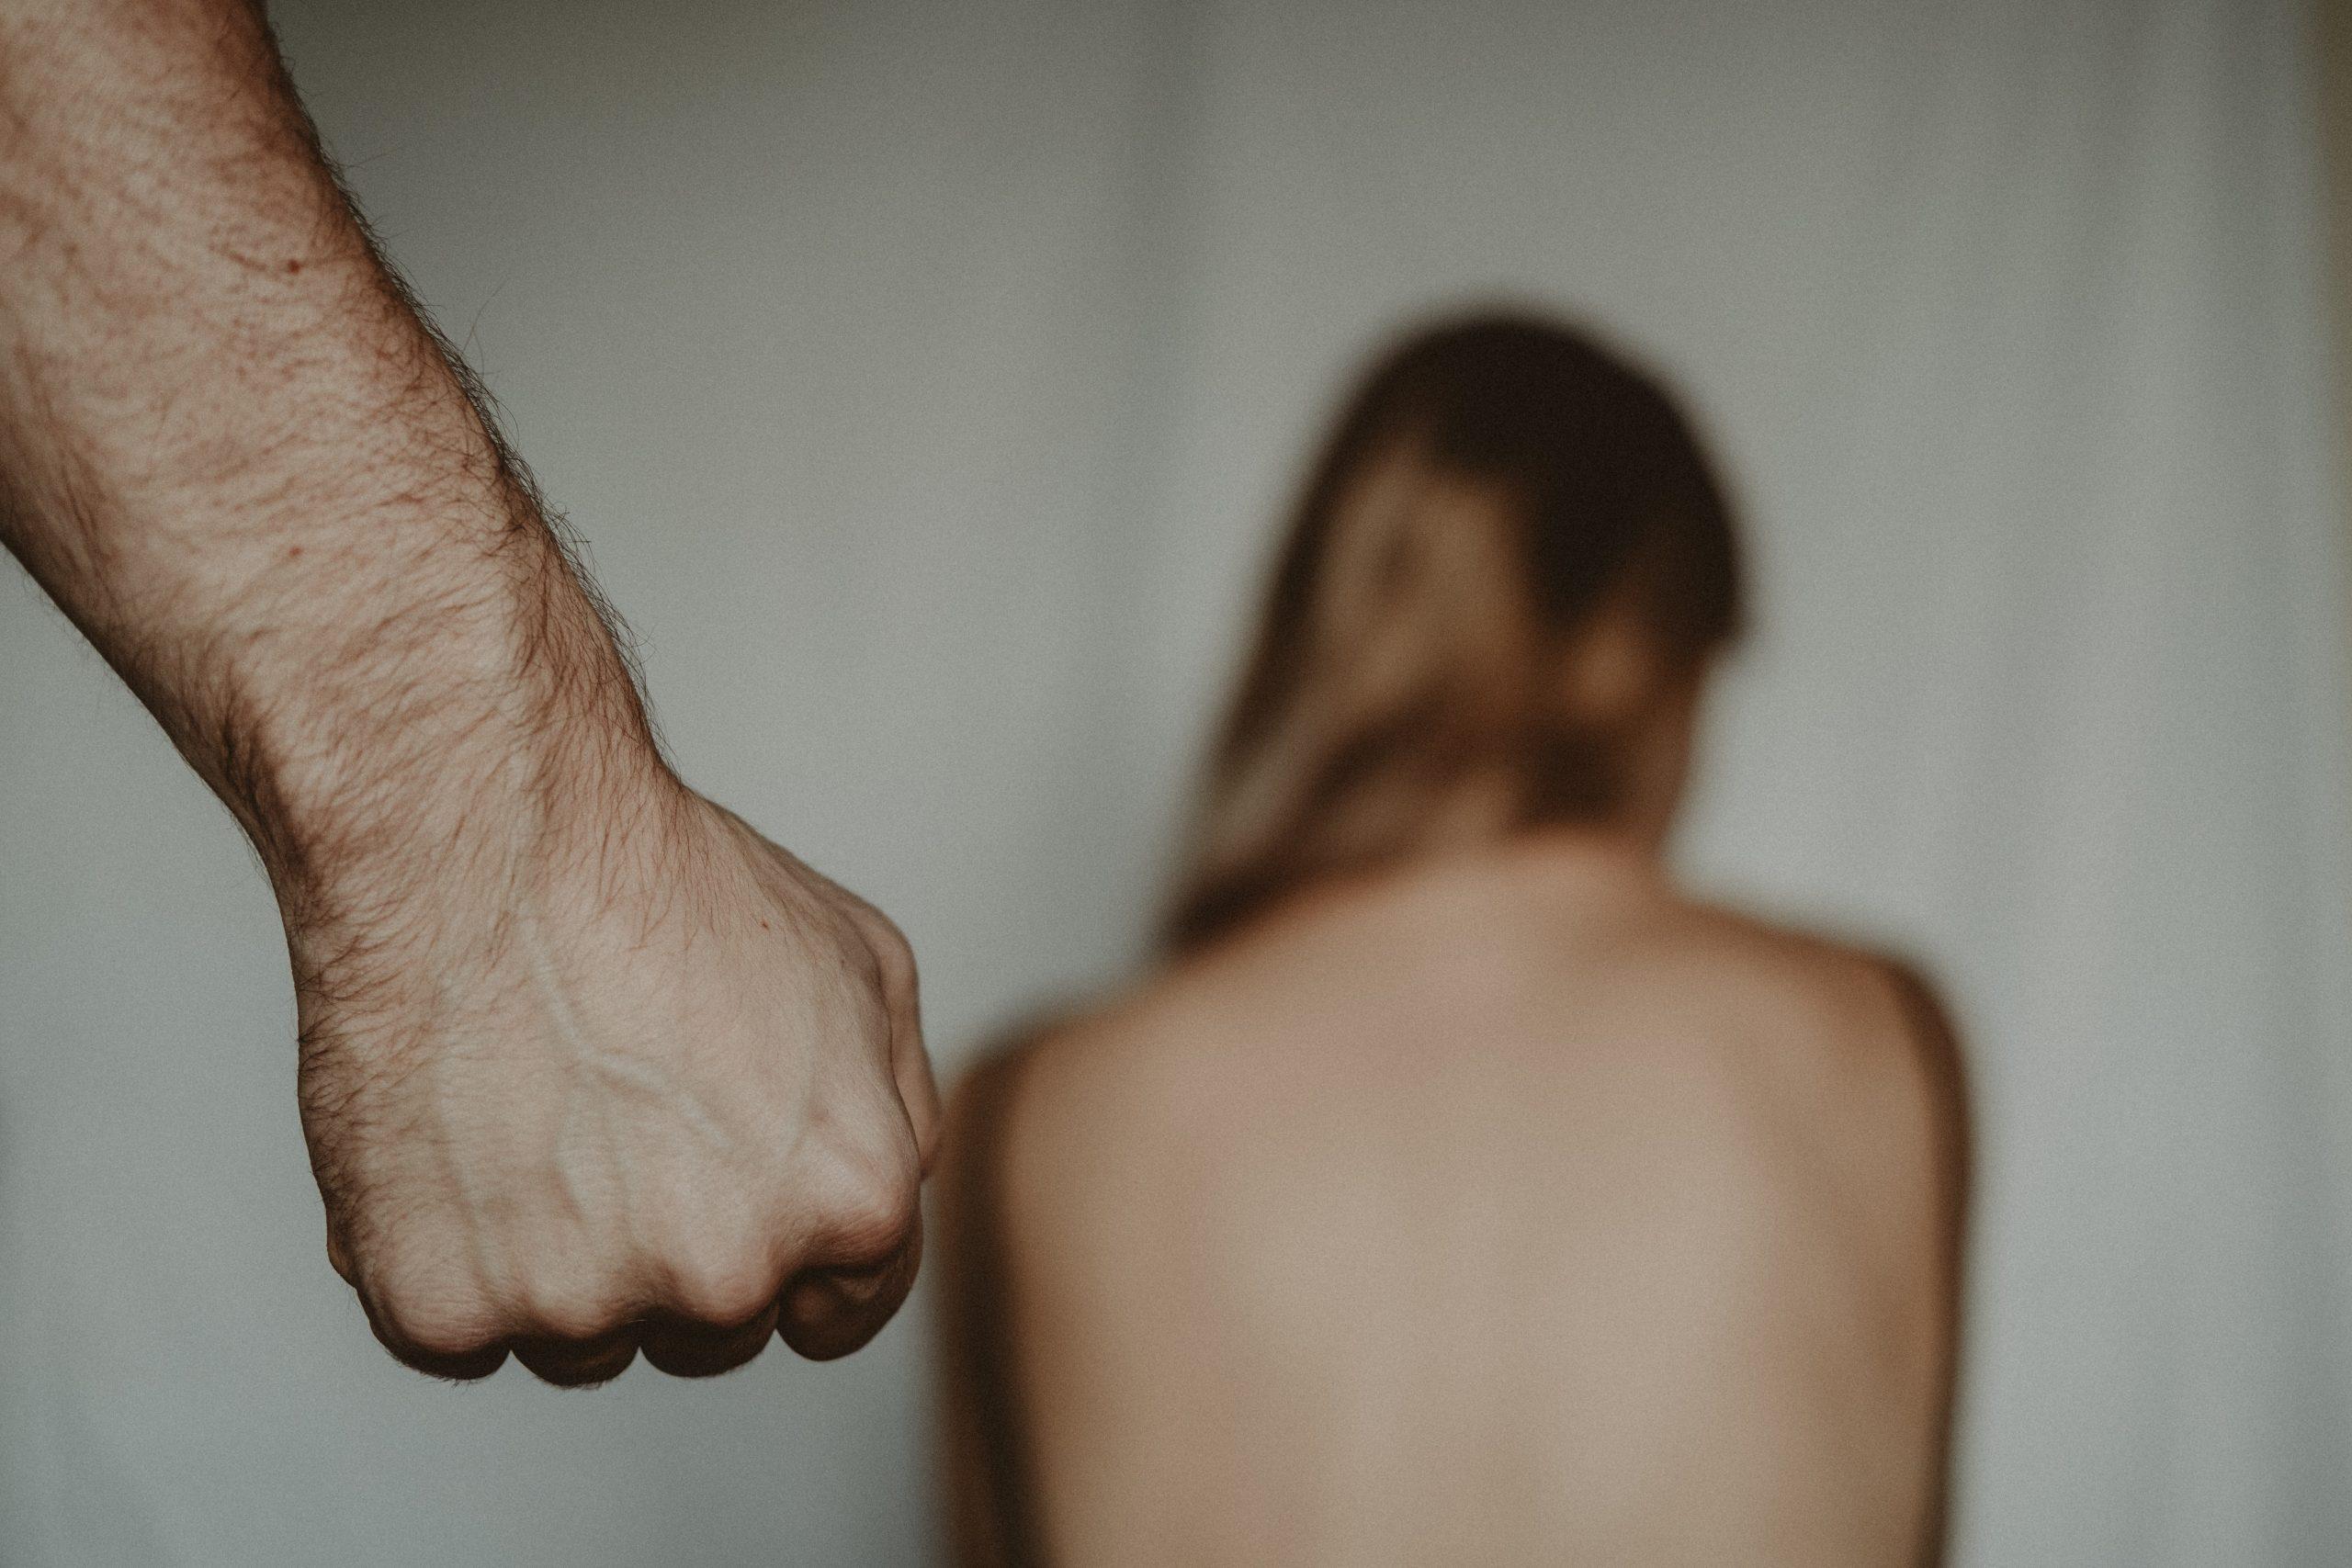 Incelek: Erőszakkal köteleznék a nőket a szexuális együttlétre…